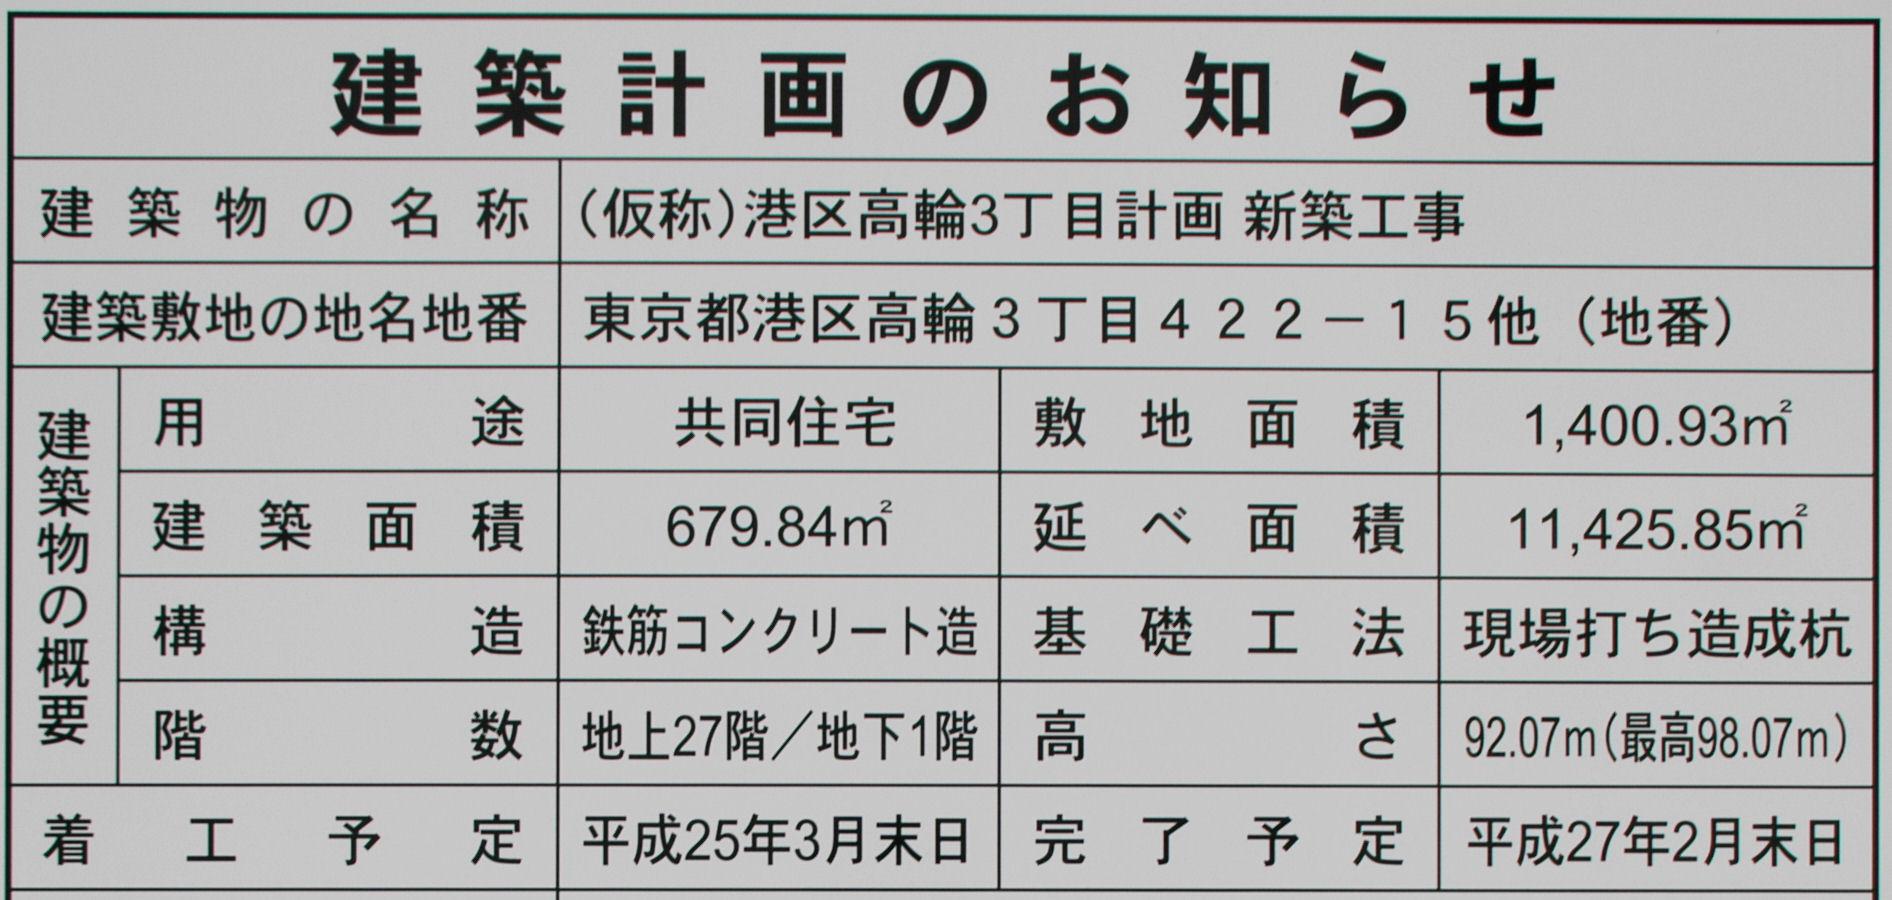 takana3p0201.jpg